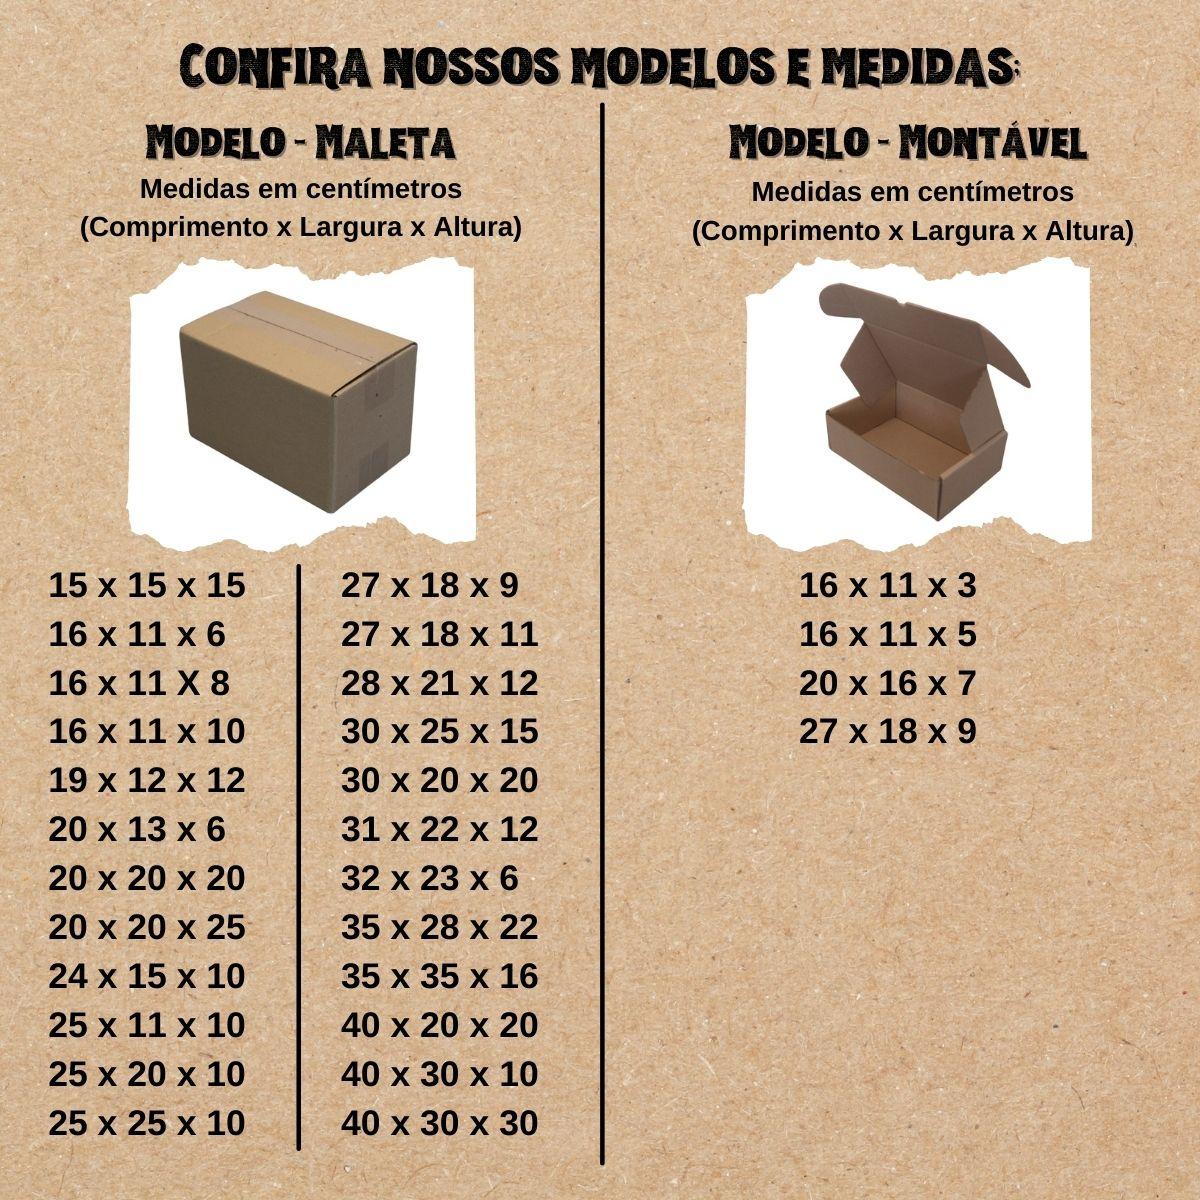 200 Caixas de Papelao (20X20X25)cm - Sedex / Pac / Correios